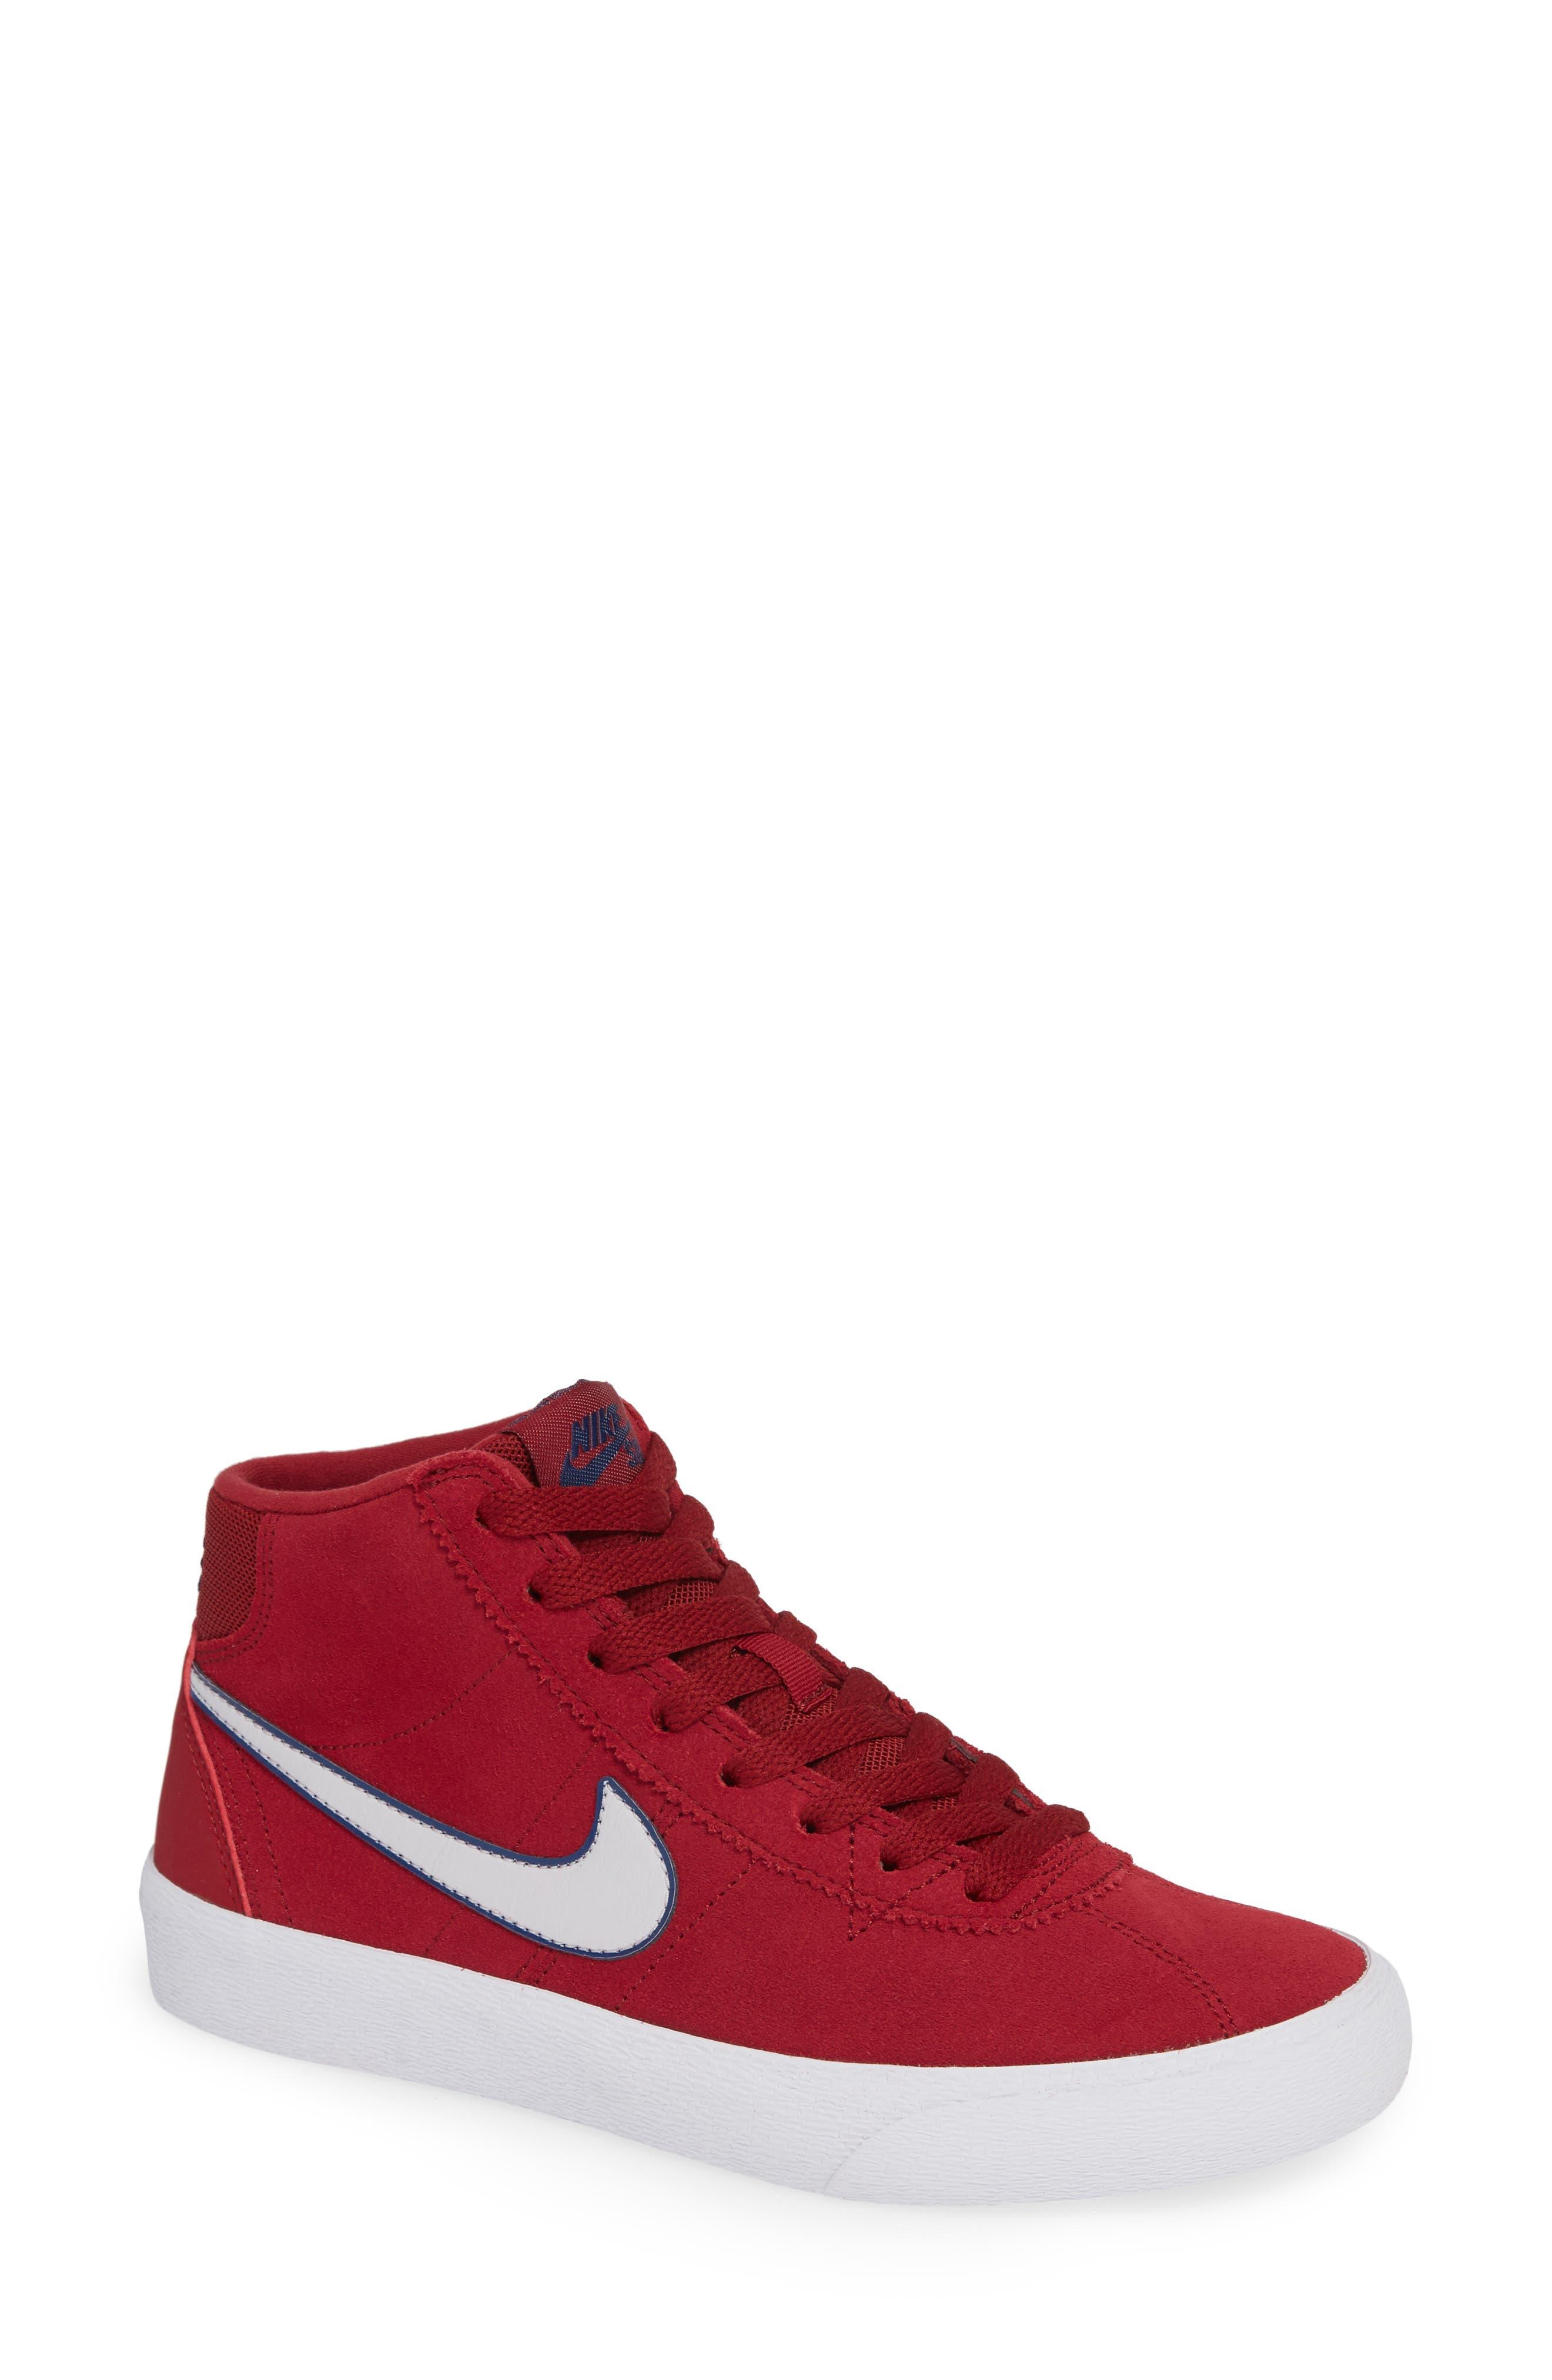 SB Bruin Hi Skateboarding Sneaker,                             Main thumbnail 1, color,                             Red Crush/ Vast Grey/ White